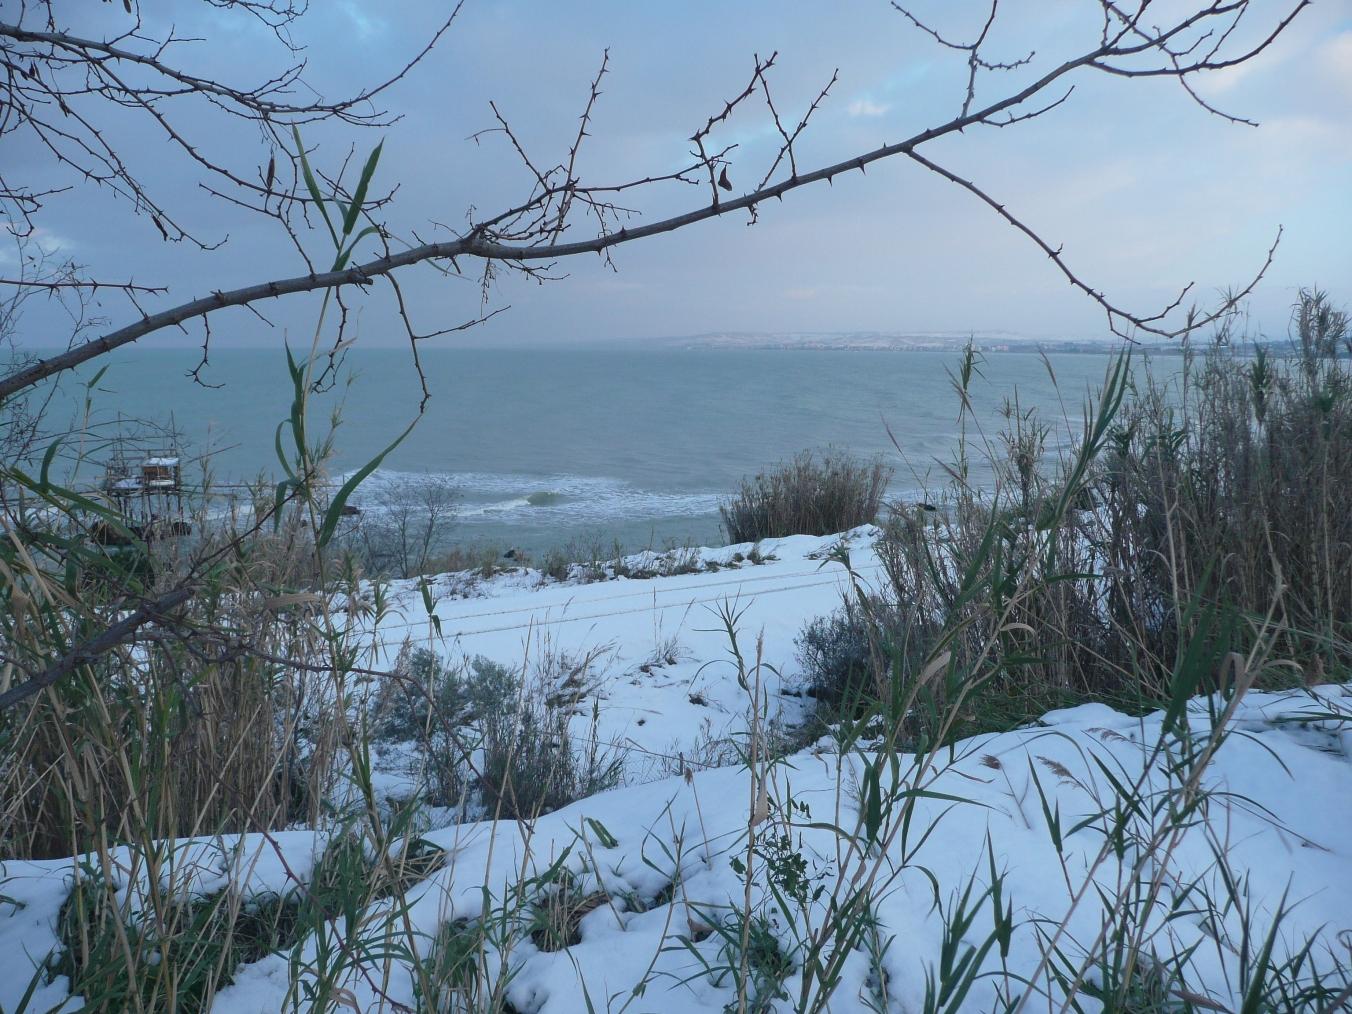 Foto Neve e  Mare: Costa abruzzese, Vasto (Ch)-p1040005.jpg